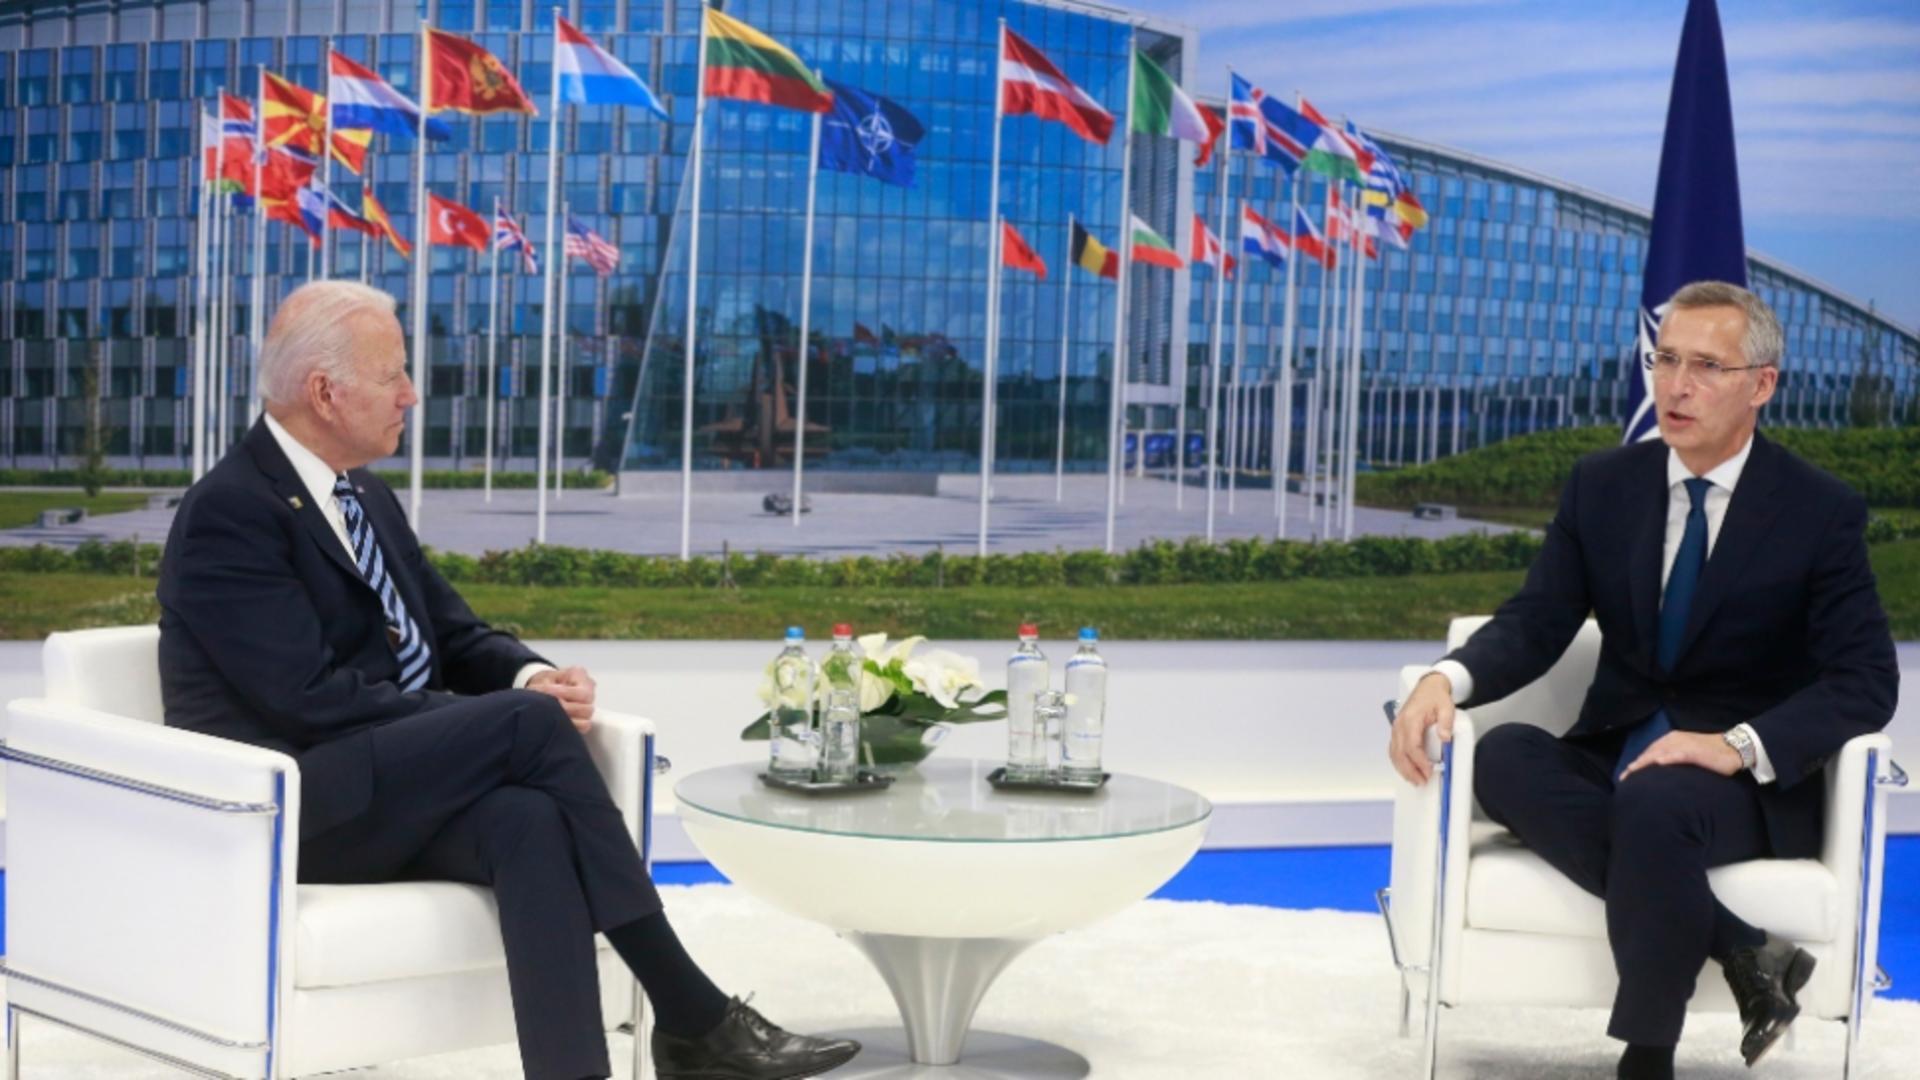 Joe Biden reafirmă angajamentul SUA pentru apărarea colectivă în cadrul NATO Foto: Twitter.com